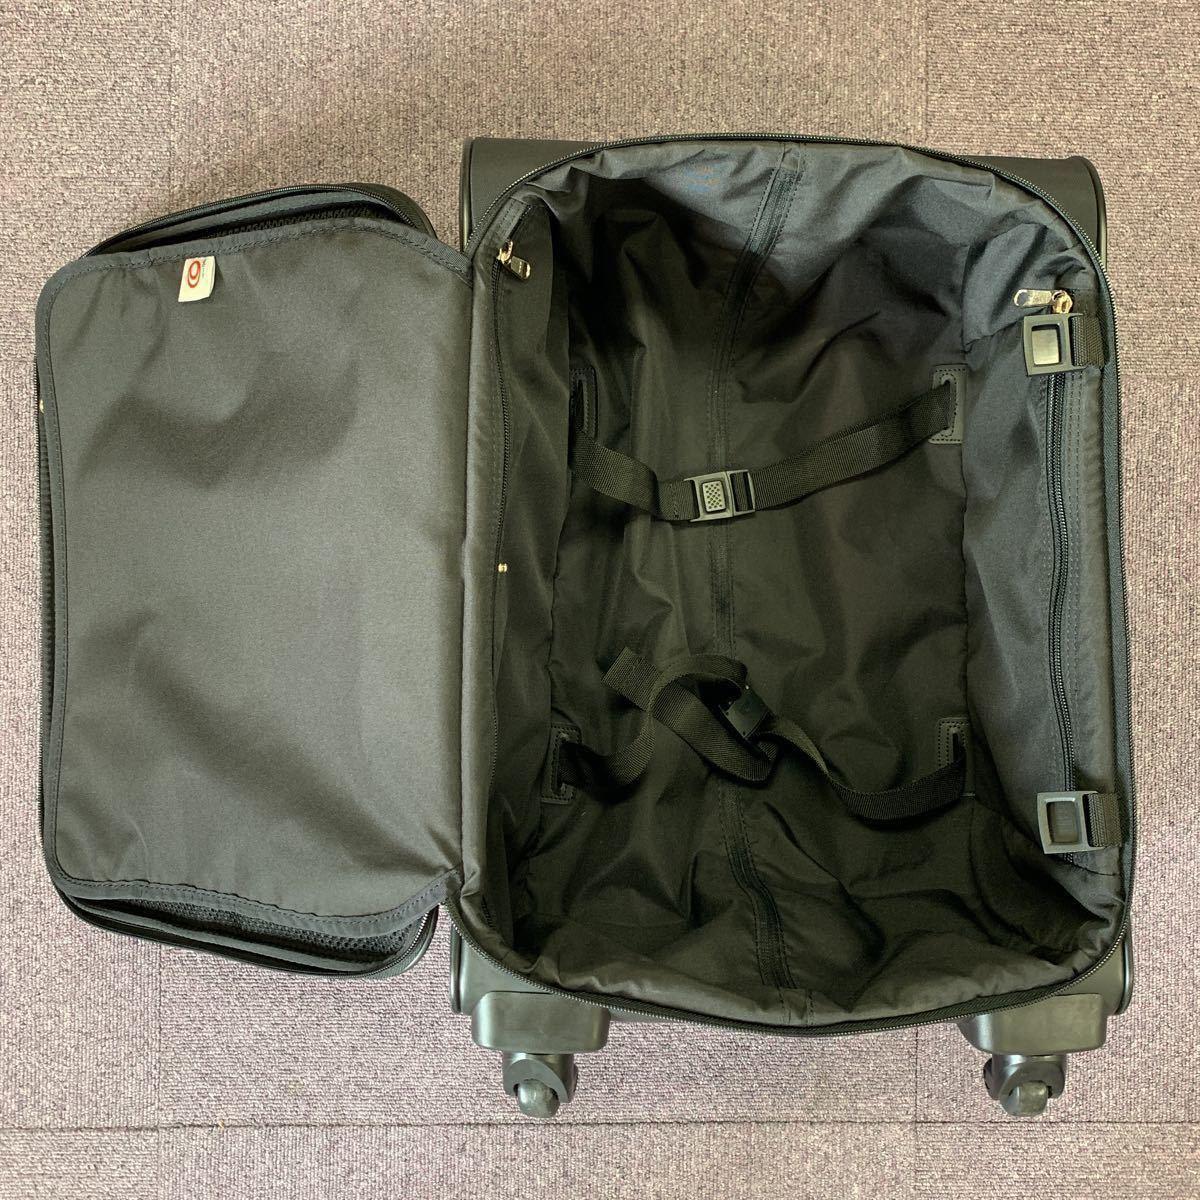 美品!ACE ビジネスキャリーバッグ ポーチ付 PUJOLS 旅行バッグカバン スーツケース エース 4輪_画像6